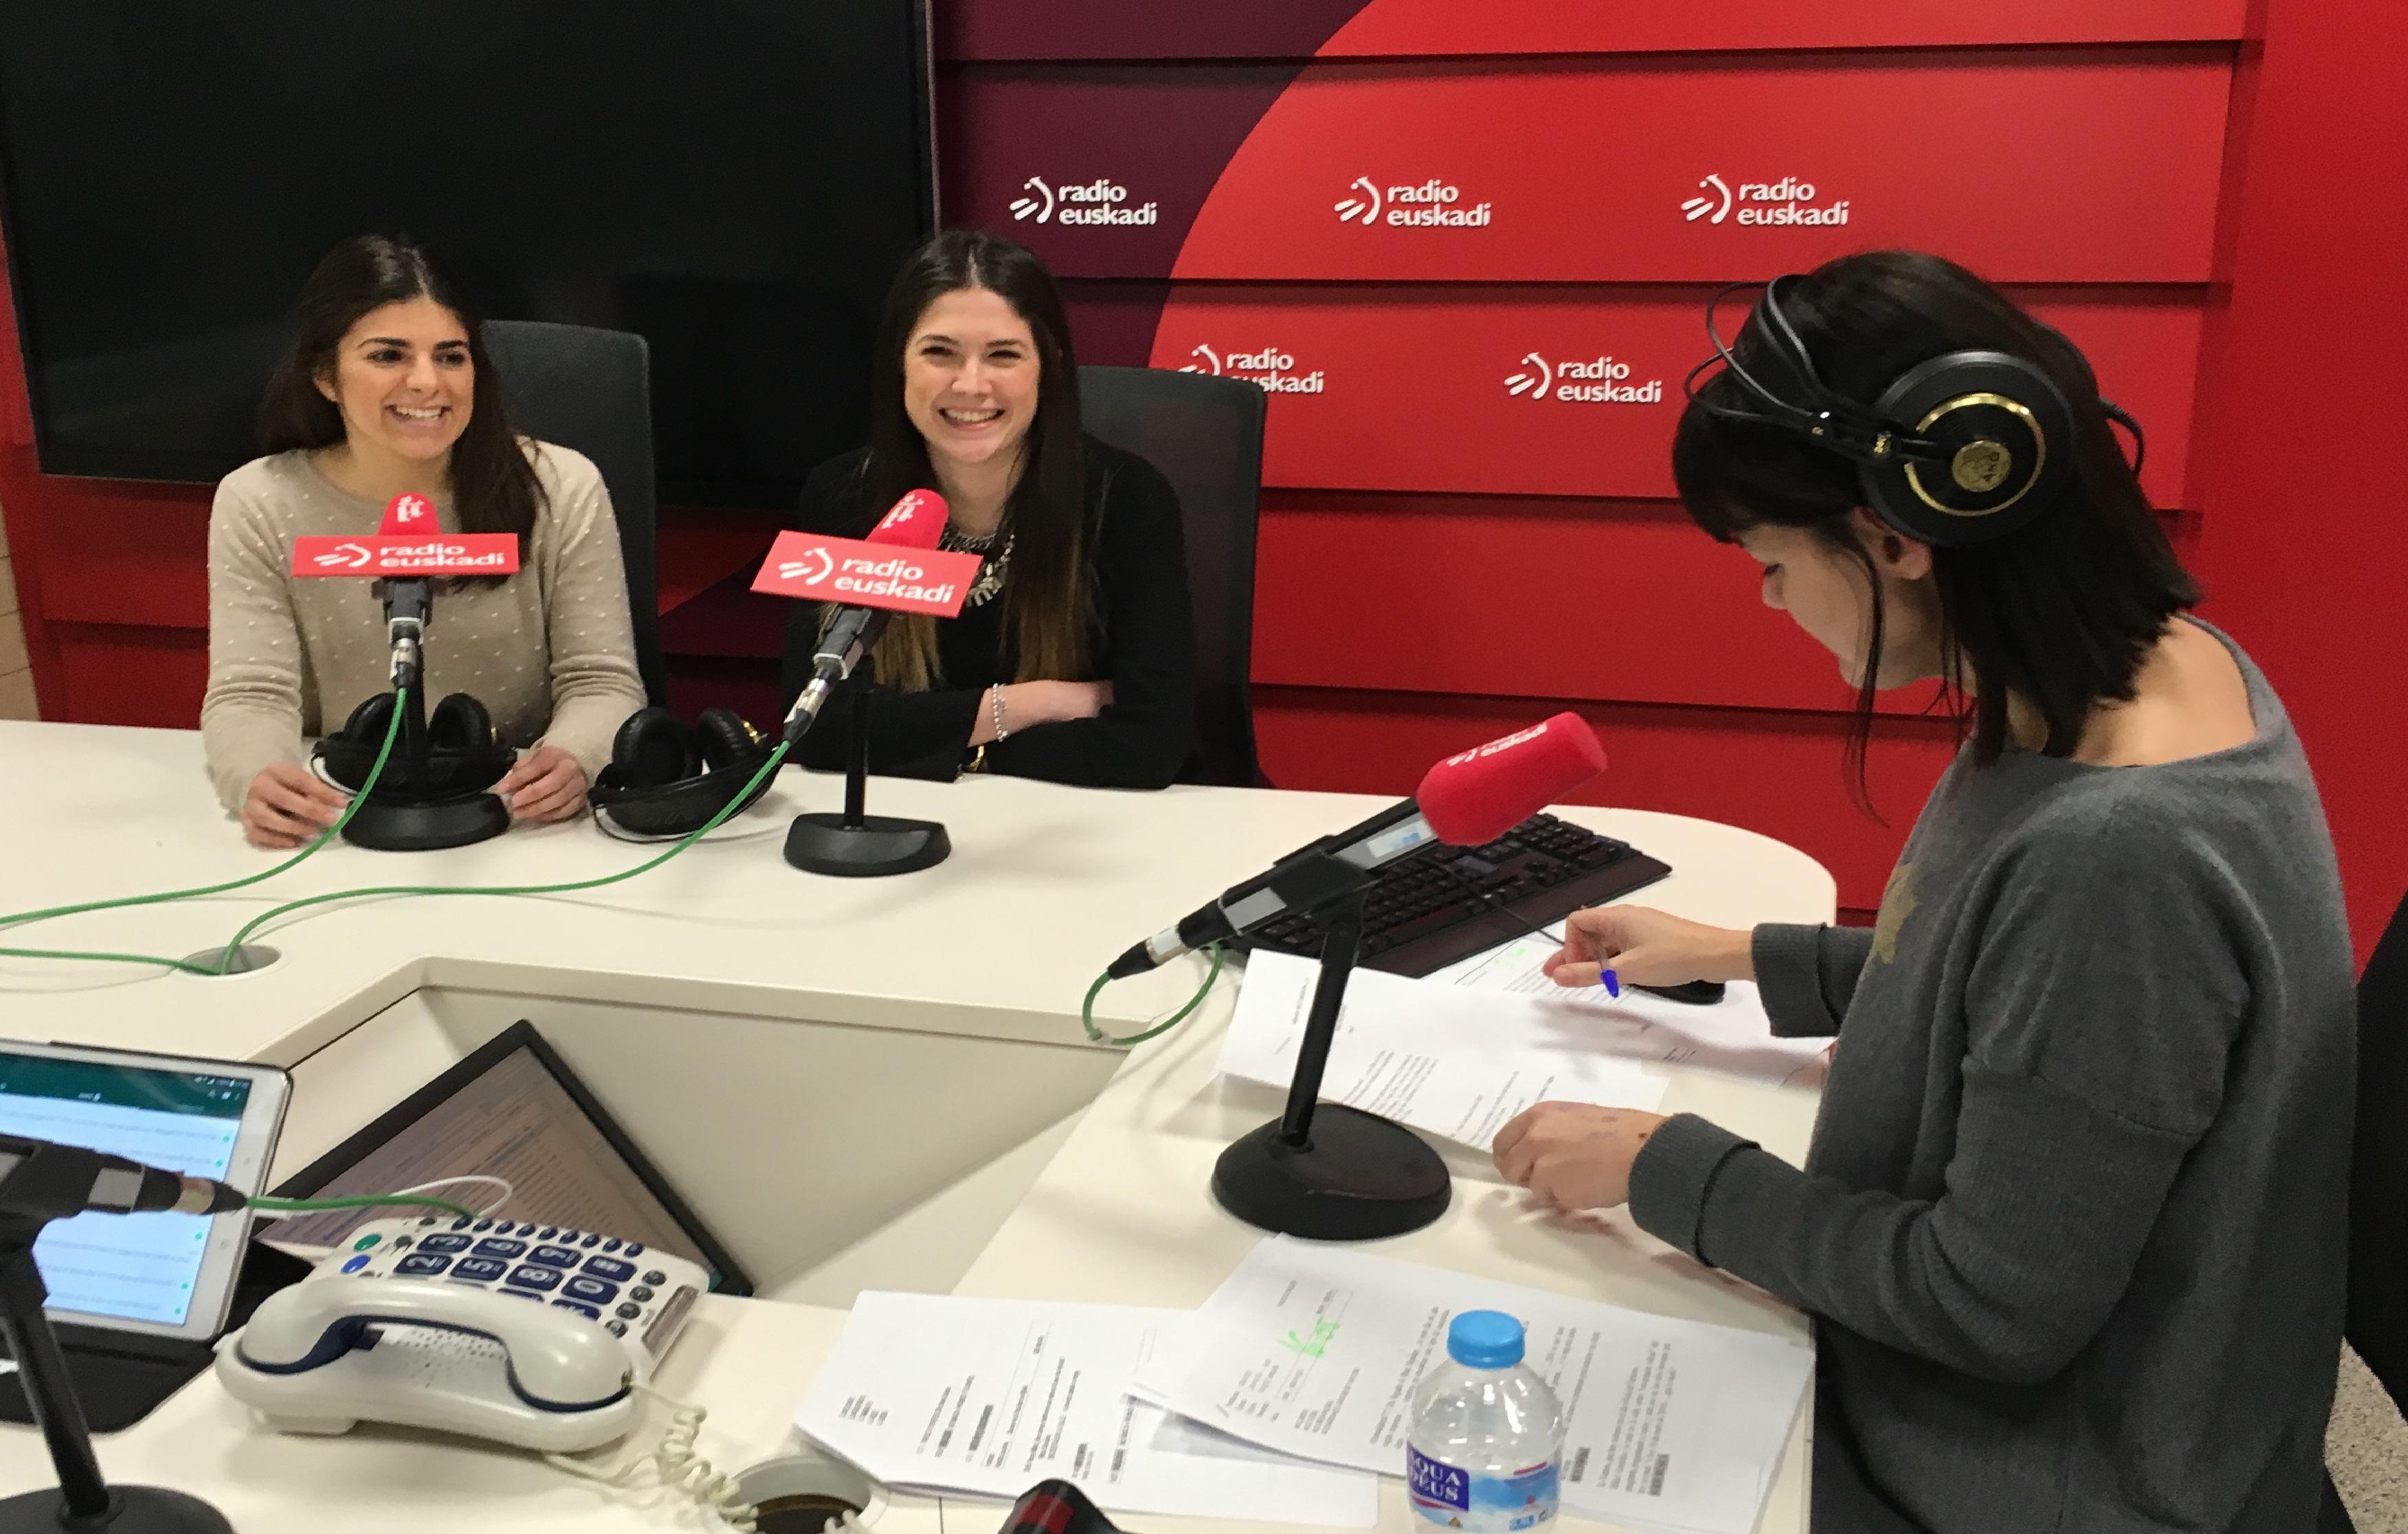 Iratxe Enderika e Irune Díez, parte del equipo de Pedro Luis Uriarte, en el programa Graffiti de Radio Euskadi.